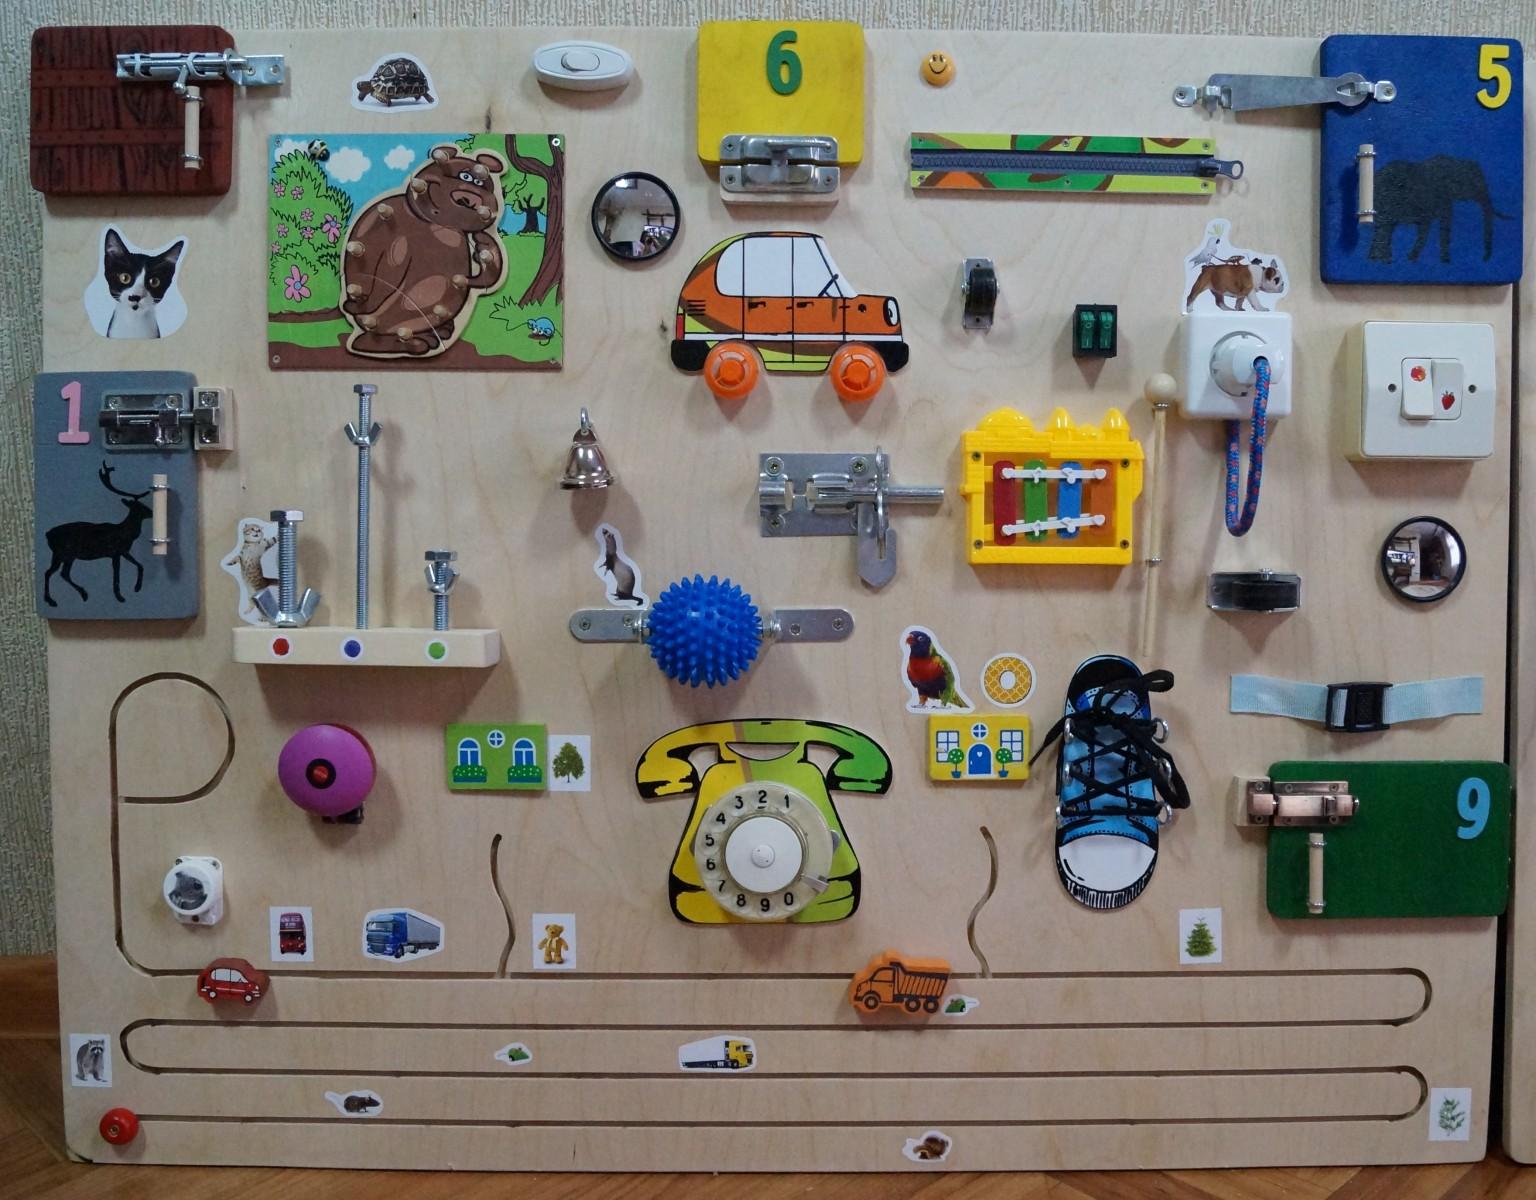 Игрушки для развития мелкой моторики рук ребенка 53